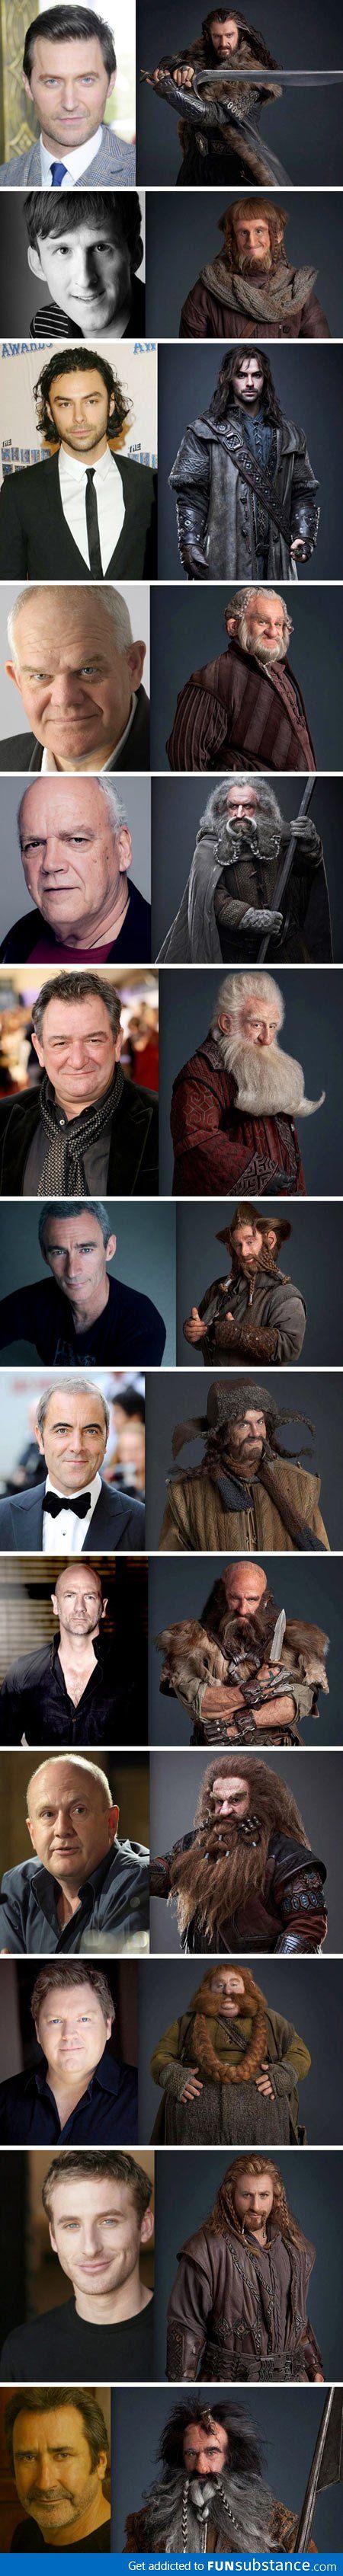 The Hobbit dwarves, pre and post make-up - FunSubstance